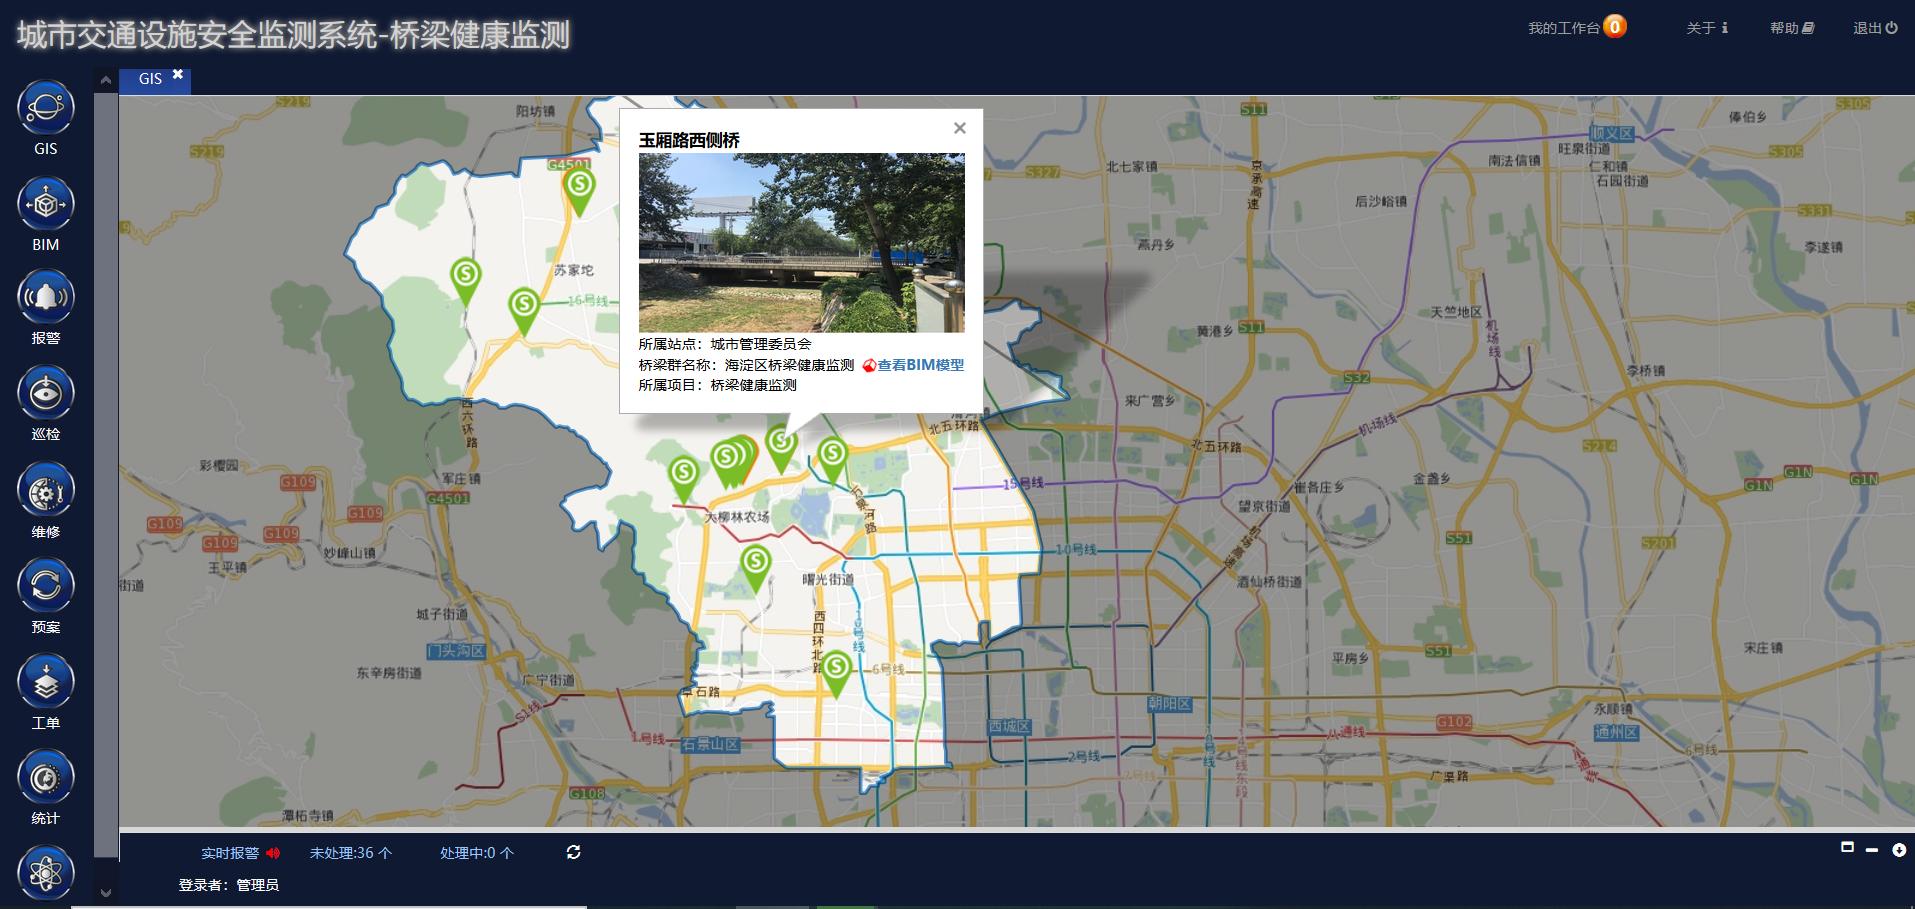 北京鲜活农产品流通中心监测项目